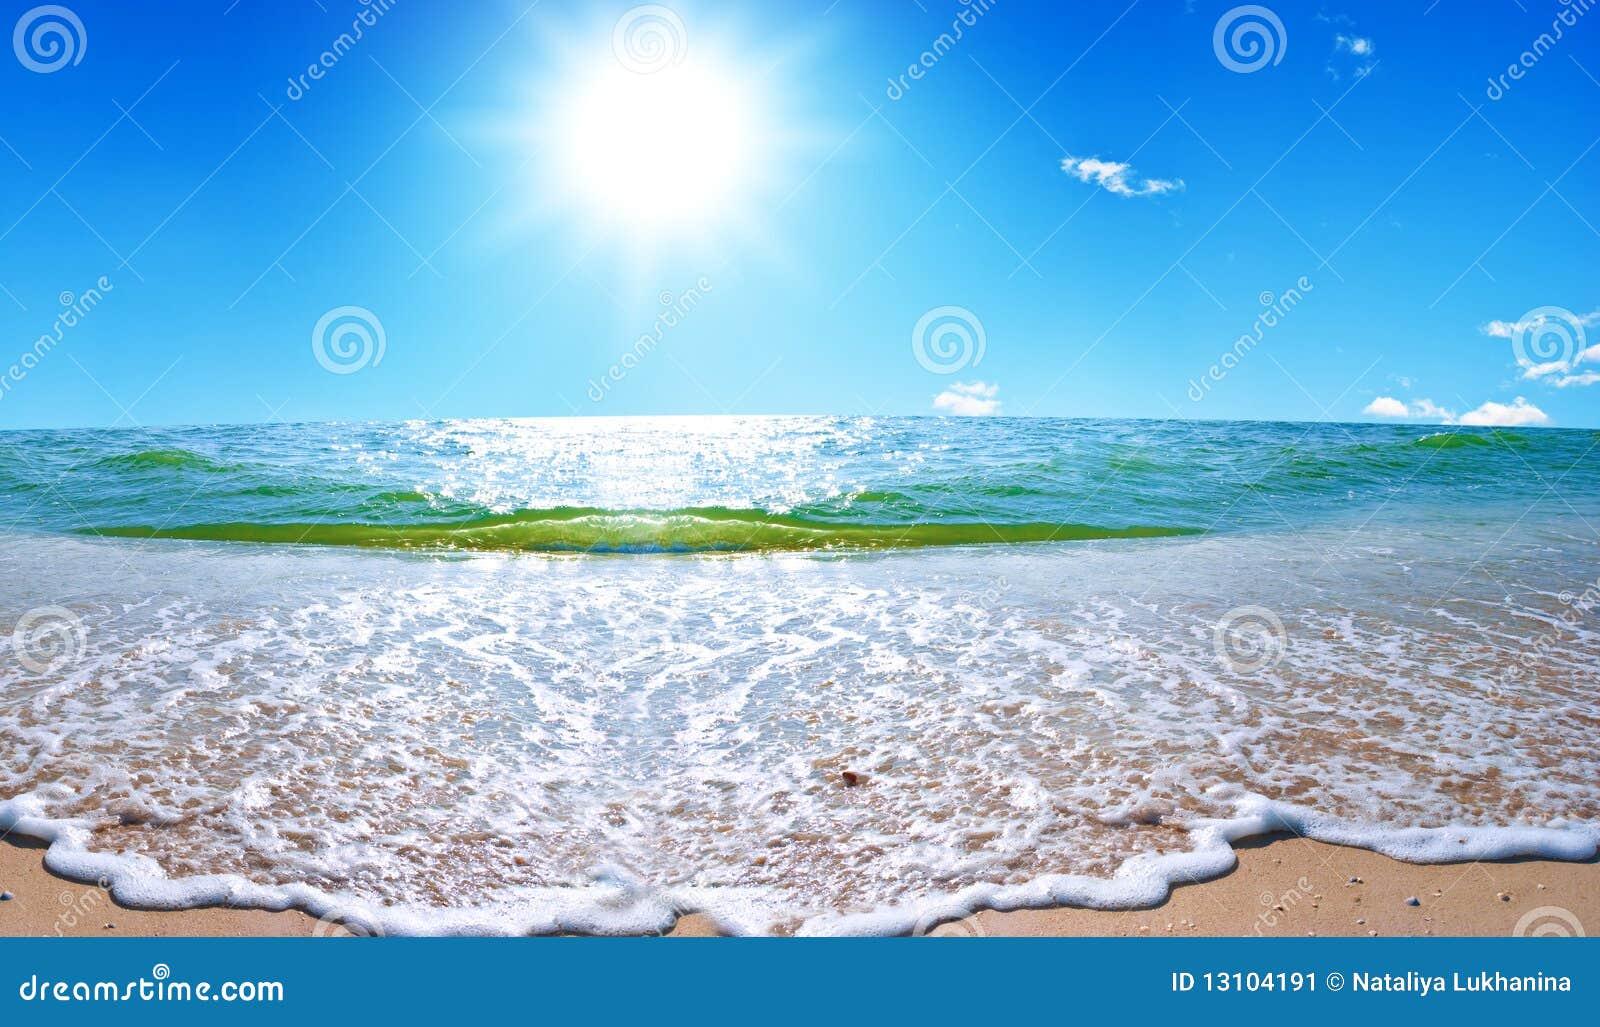 Overzees van de zomer landschap met de zonnehemel